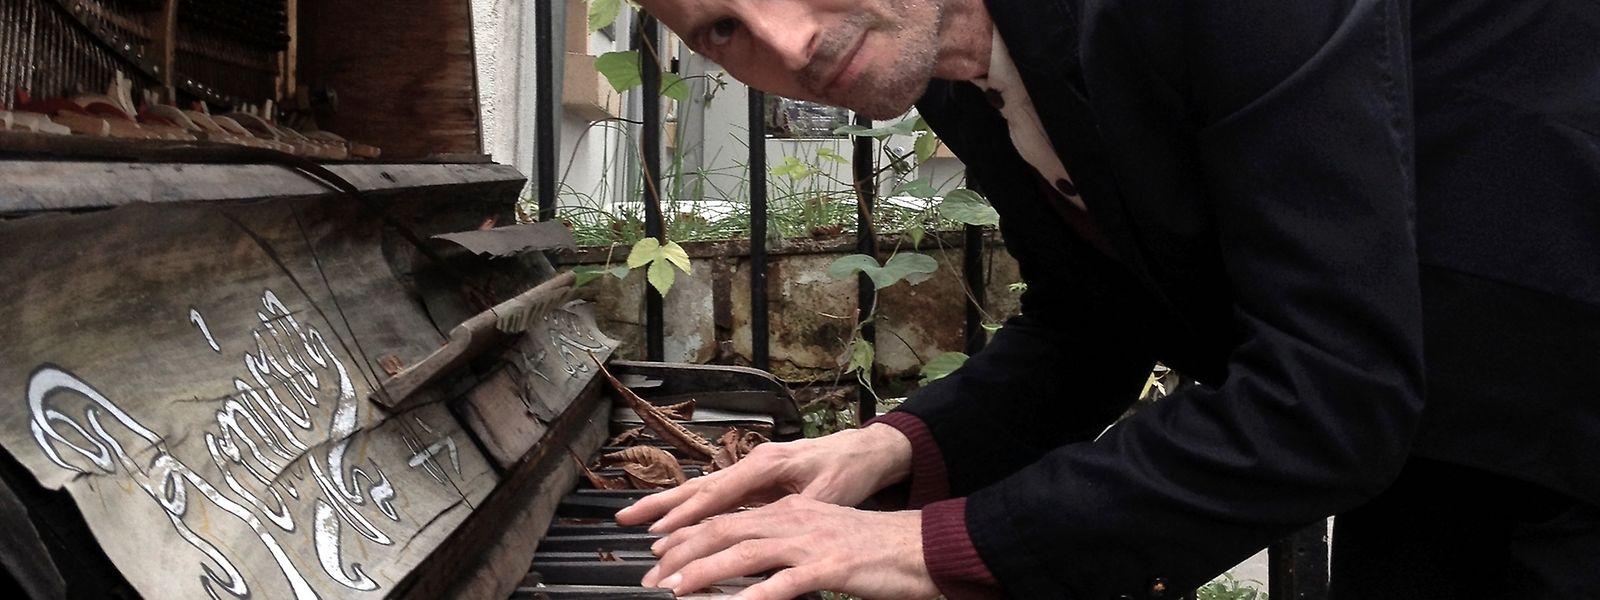 Le piano, le compagnon de tous les jours.